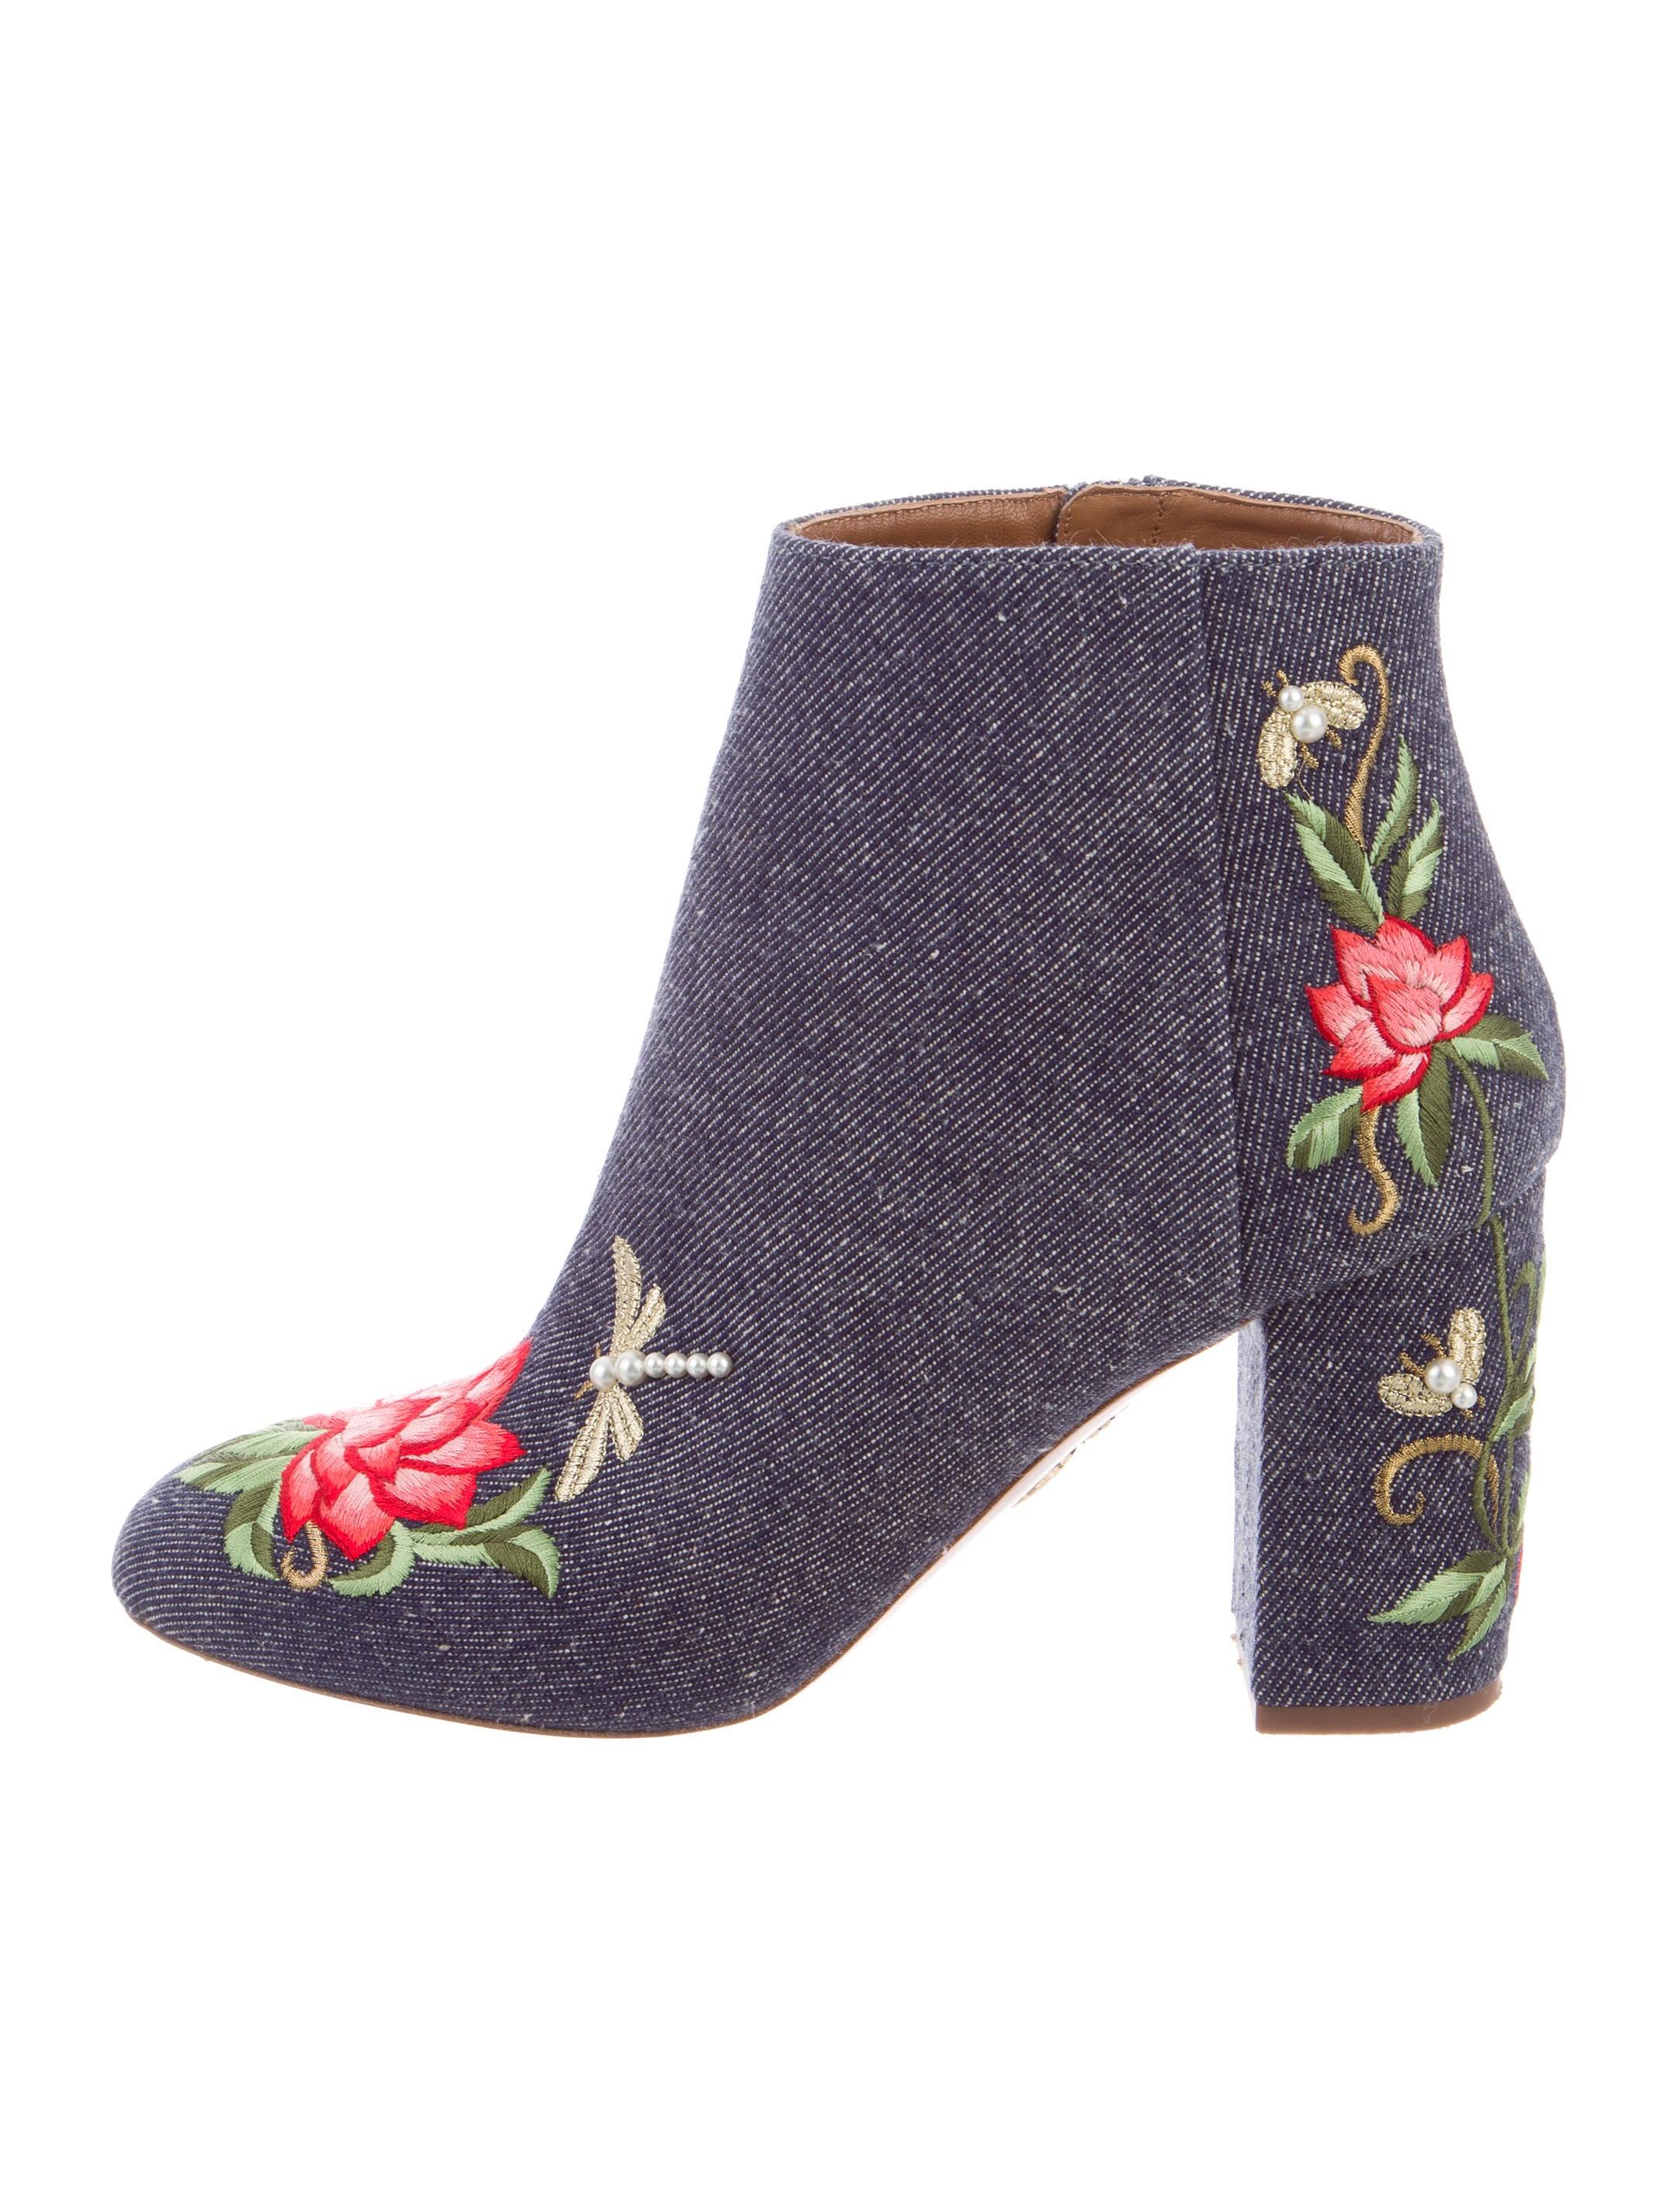 Aquazzura Lotus 85 Denim Embroidered Boots discount lowest price discount big discount gAirMC2